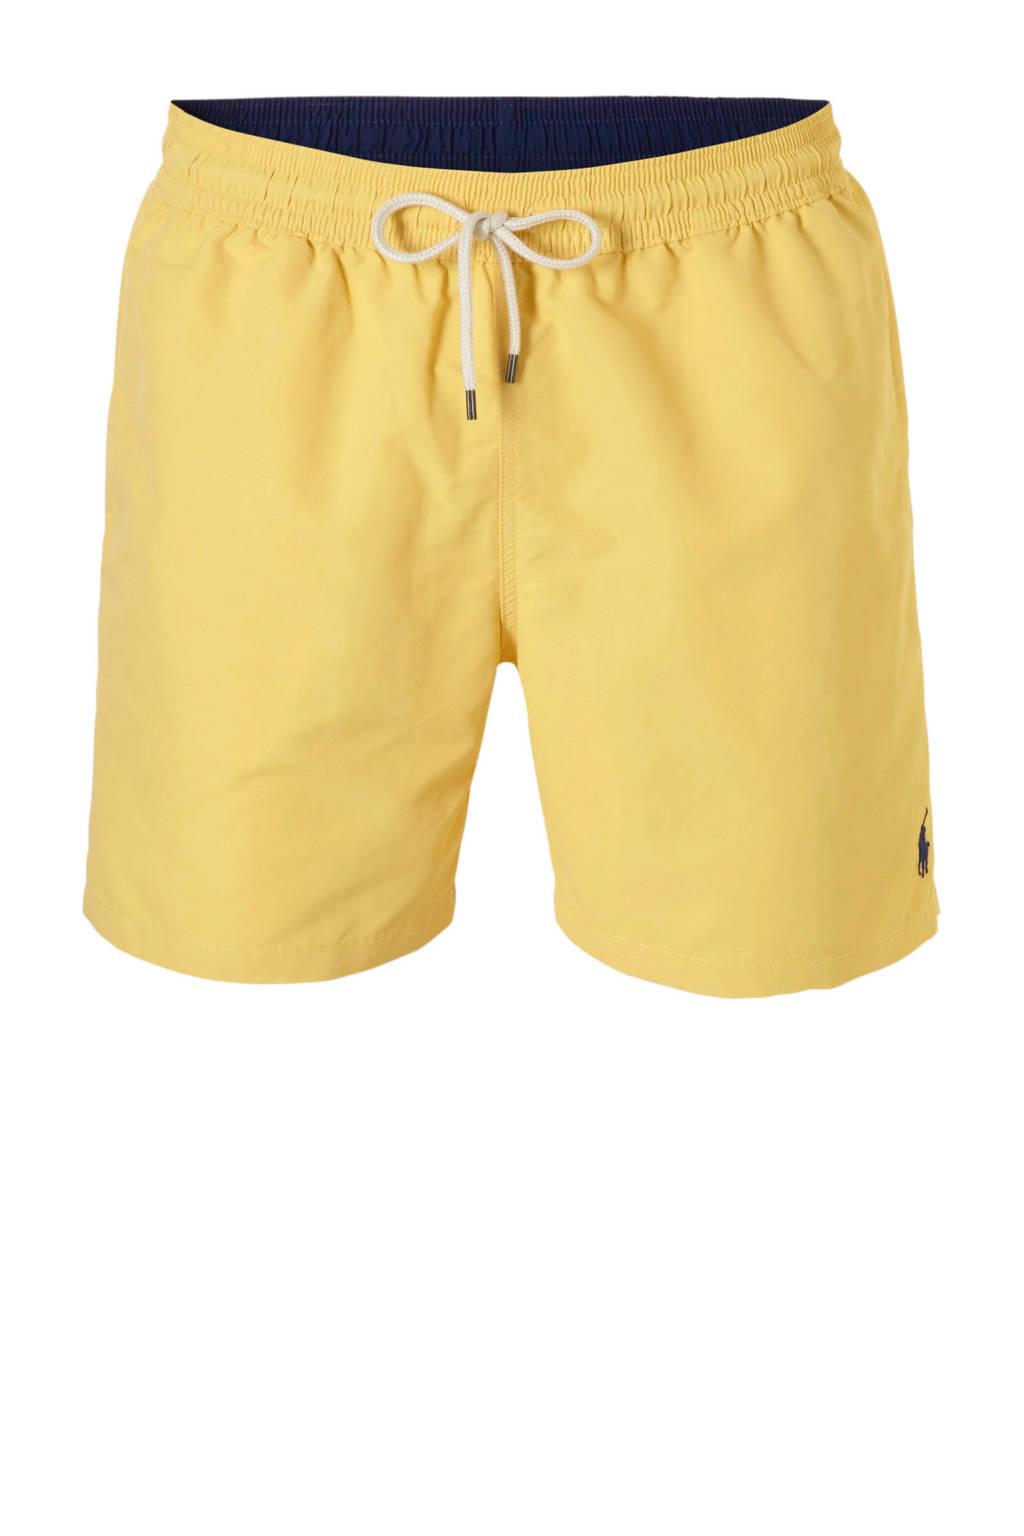 POLO Ralph Lauren zwemshort met zakken geel, Geel